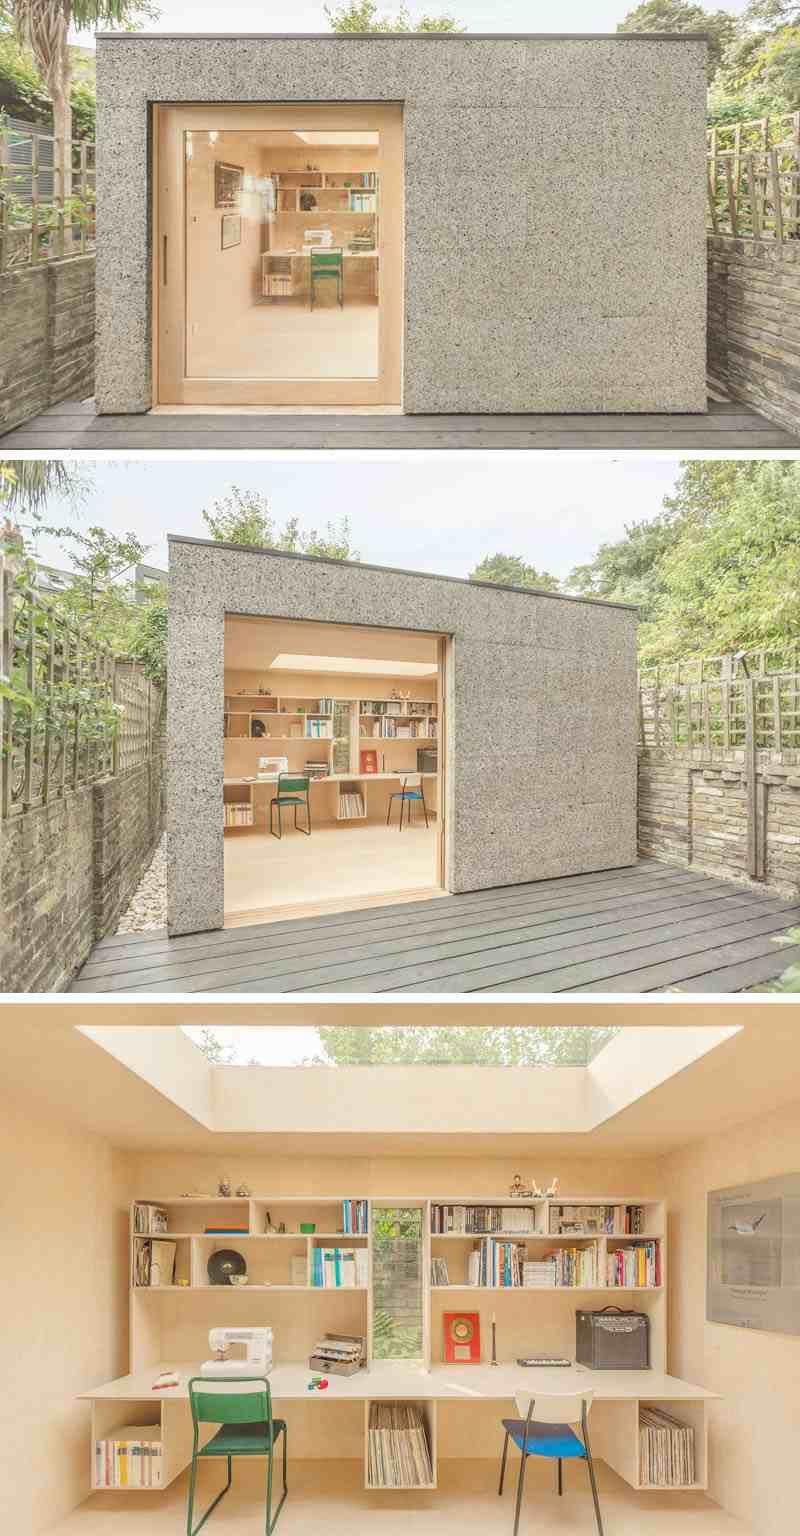 Maison De Jardin Habitable- 14 Abris Aménagés En Bureaux Ou ... destiné Studio De Jardin Habitable